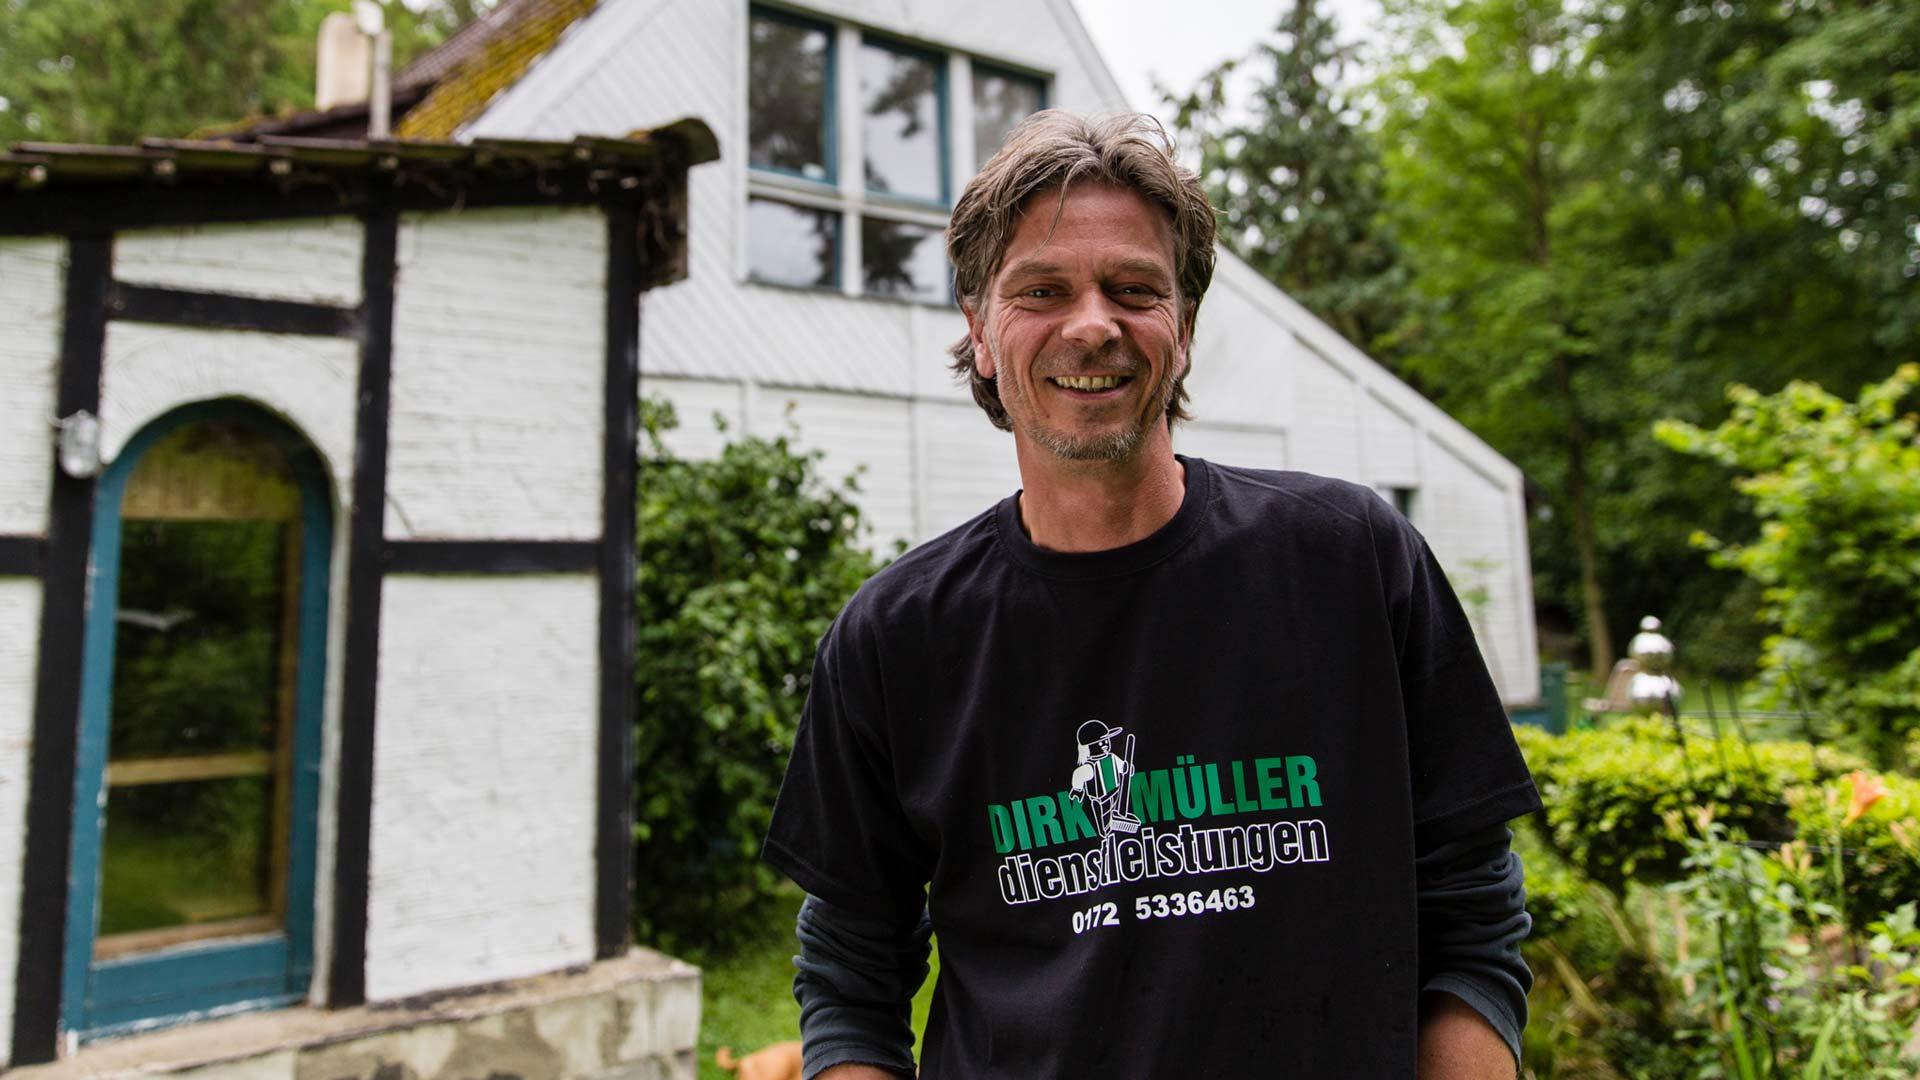 PRIMAGAS Kunde Dirk Müller, der von der Förderung seiner Heizung profitiert hat.